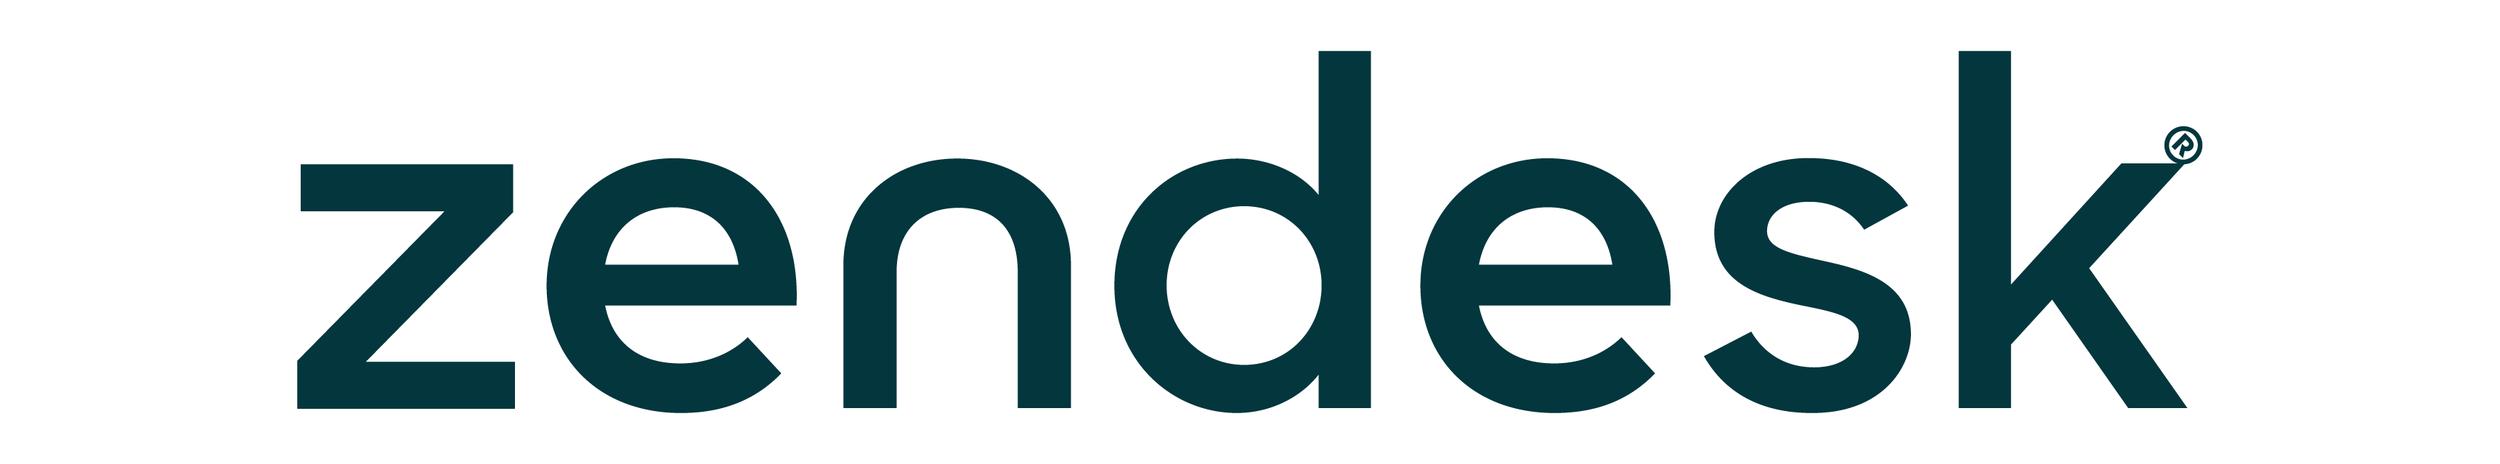 zendesk-wordmark.png